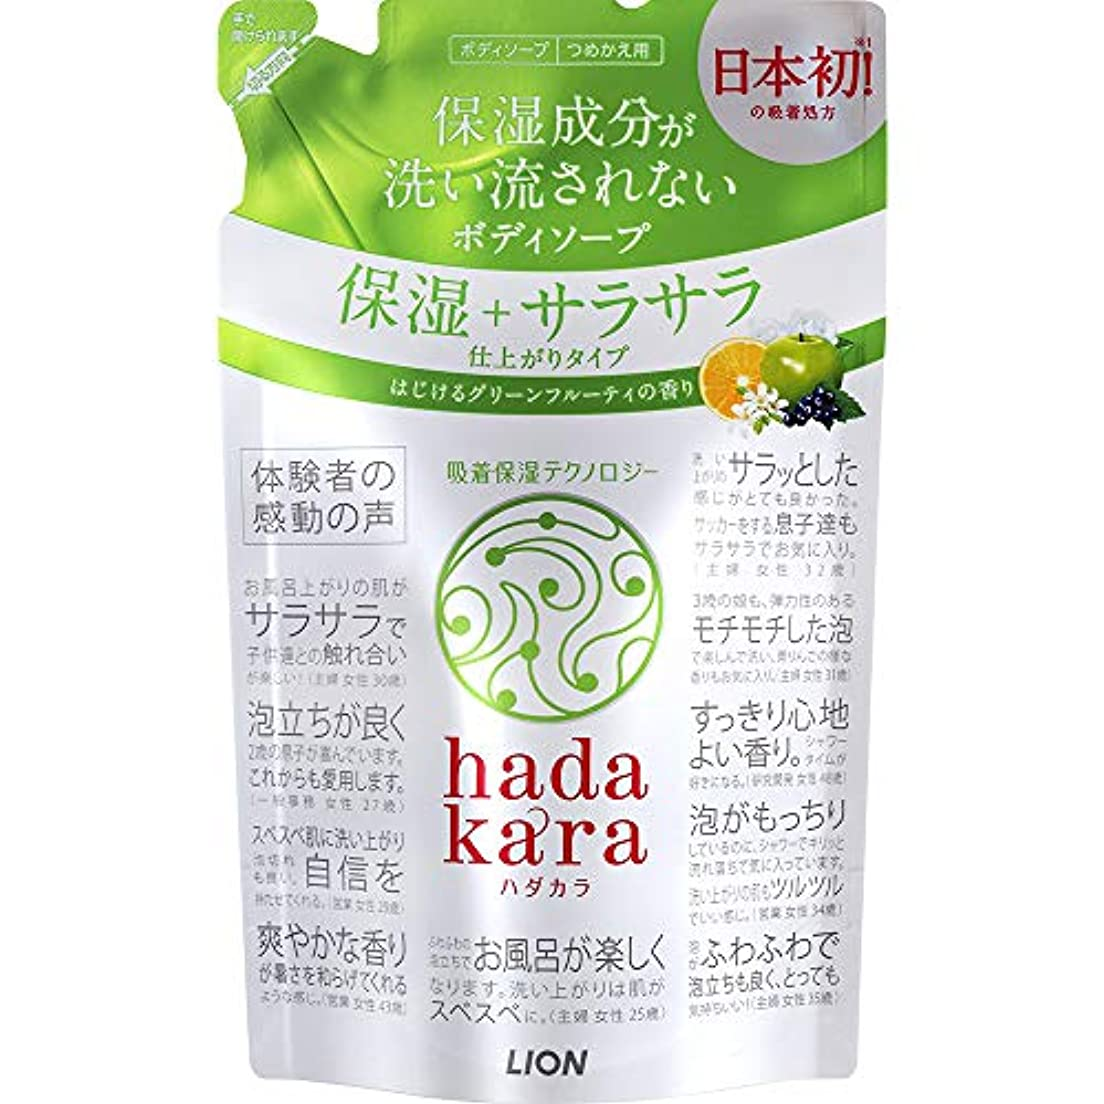 伝染性光沢のあるつぼみhadakara(ハダカラ) ボディソープ 保湿+サラサラ仕上がりタイプ グリーンフルーティの香り 詰め替え 340ml